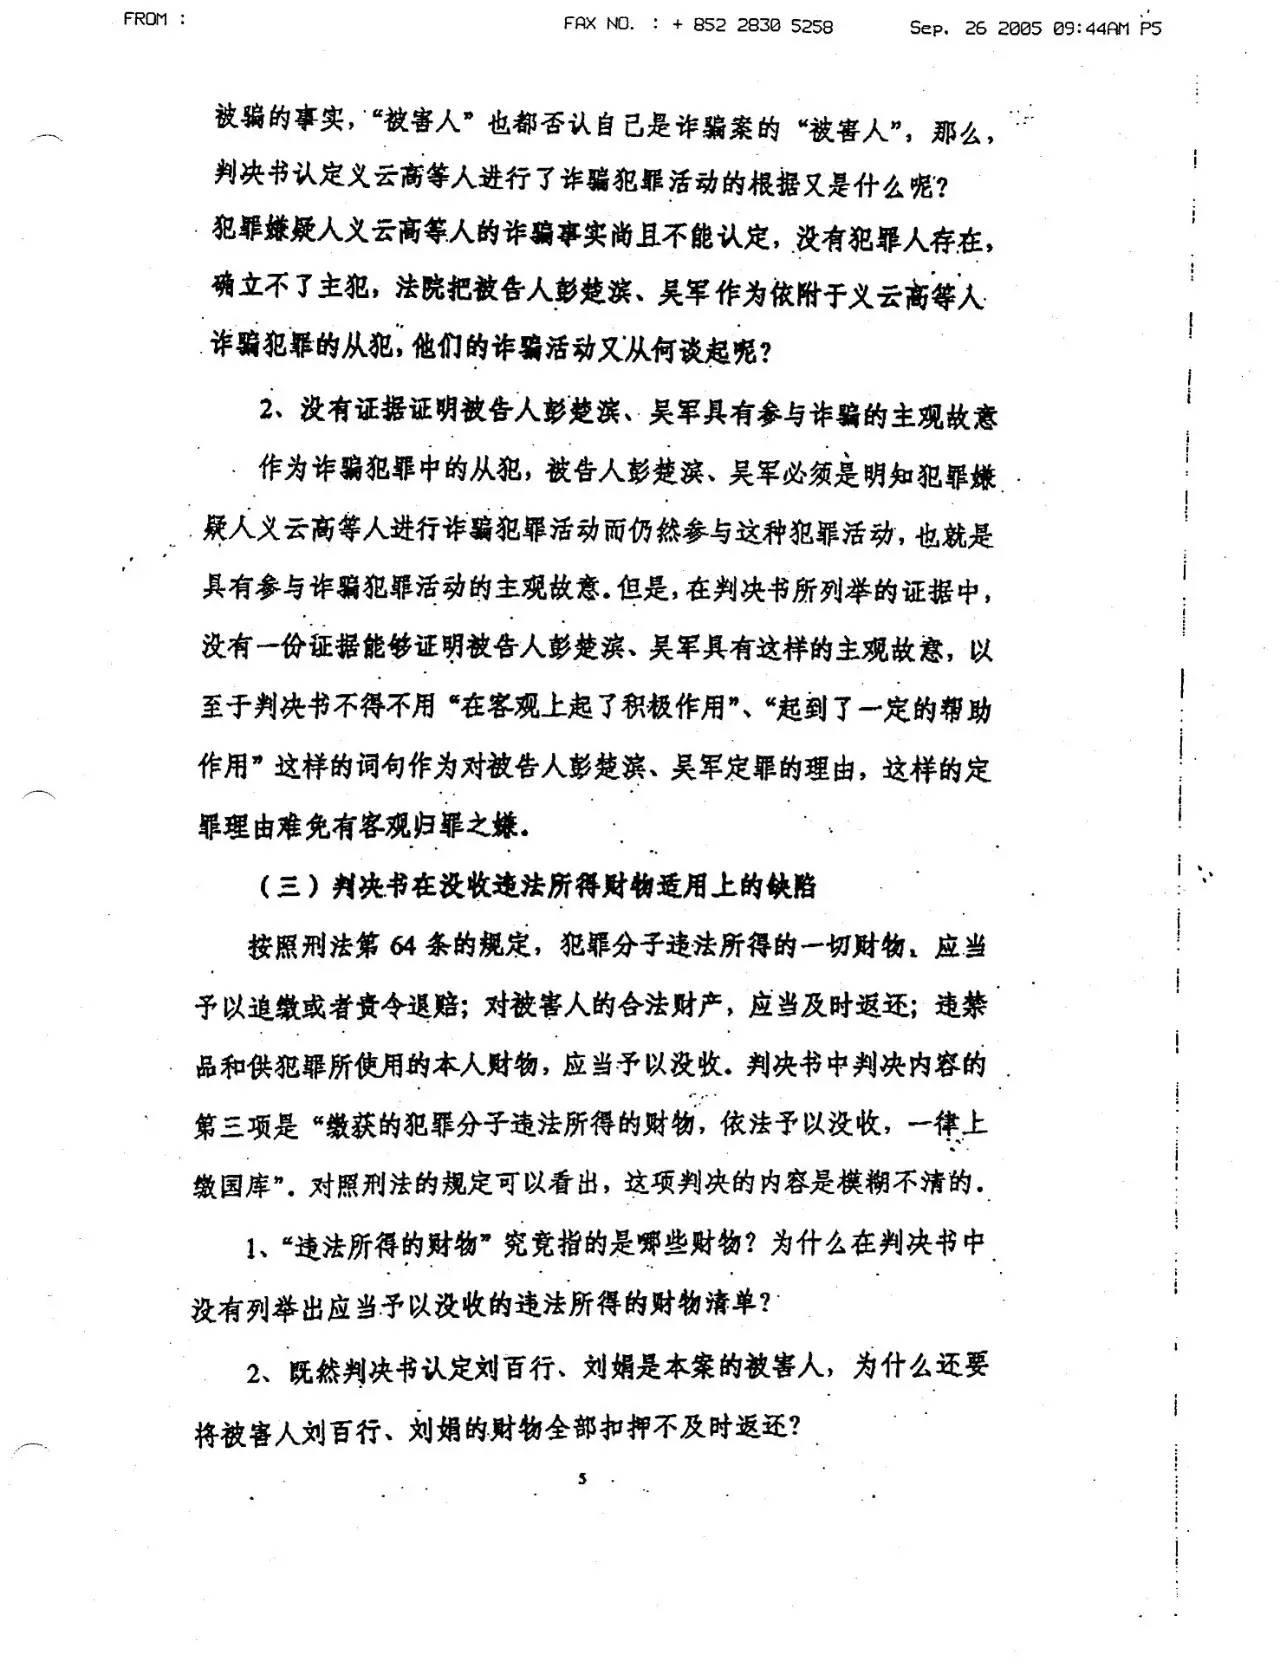 周永康陈绍基陷害第三世多杰羌佛真相曝光 第7张